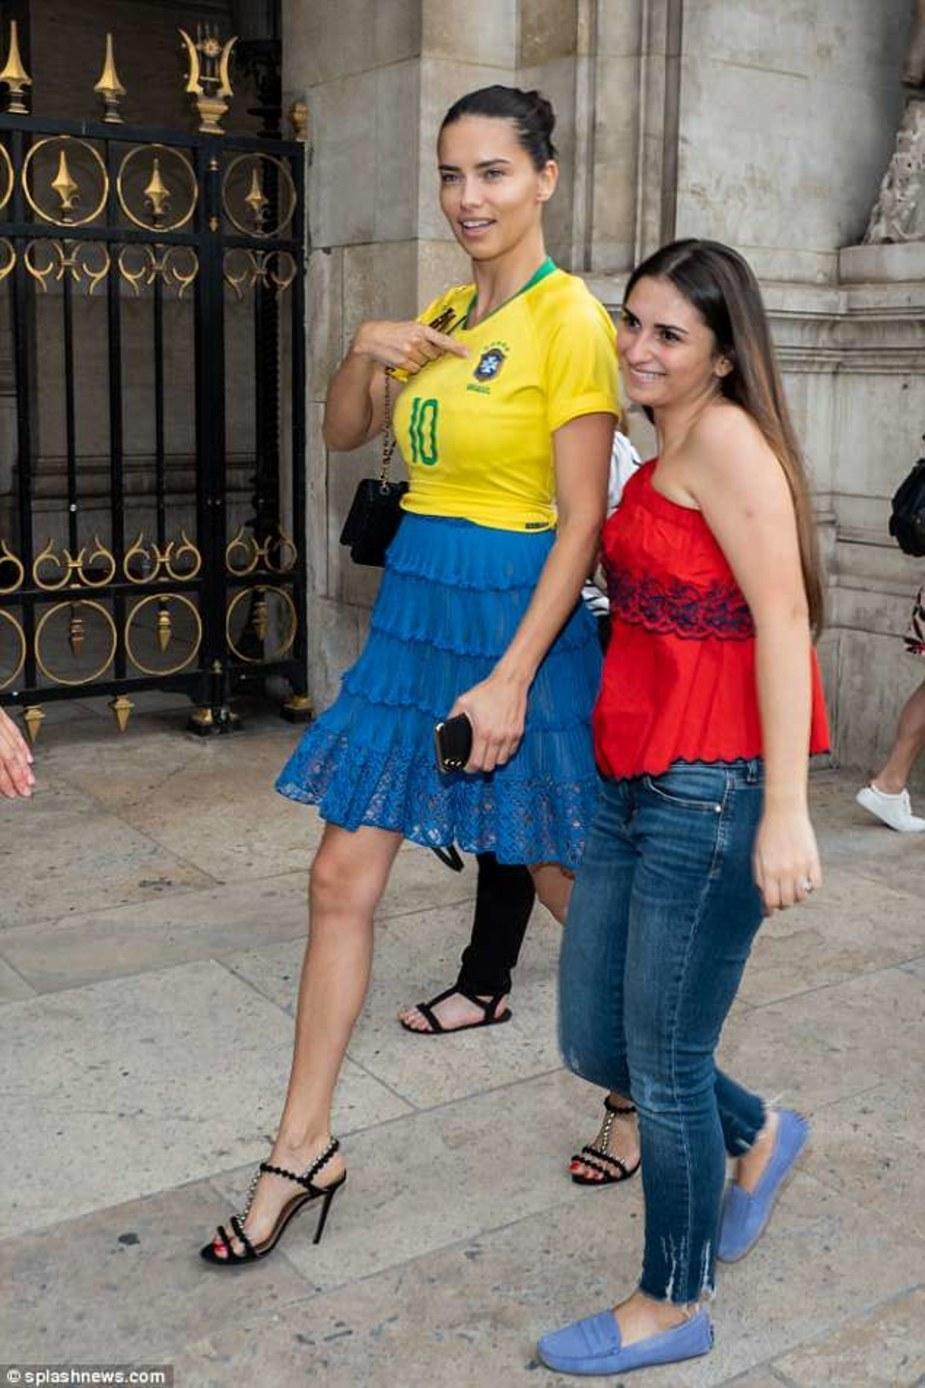 Thiên thần nội y mặc áo mang số của Neymar dự sự kiện thời trang